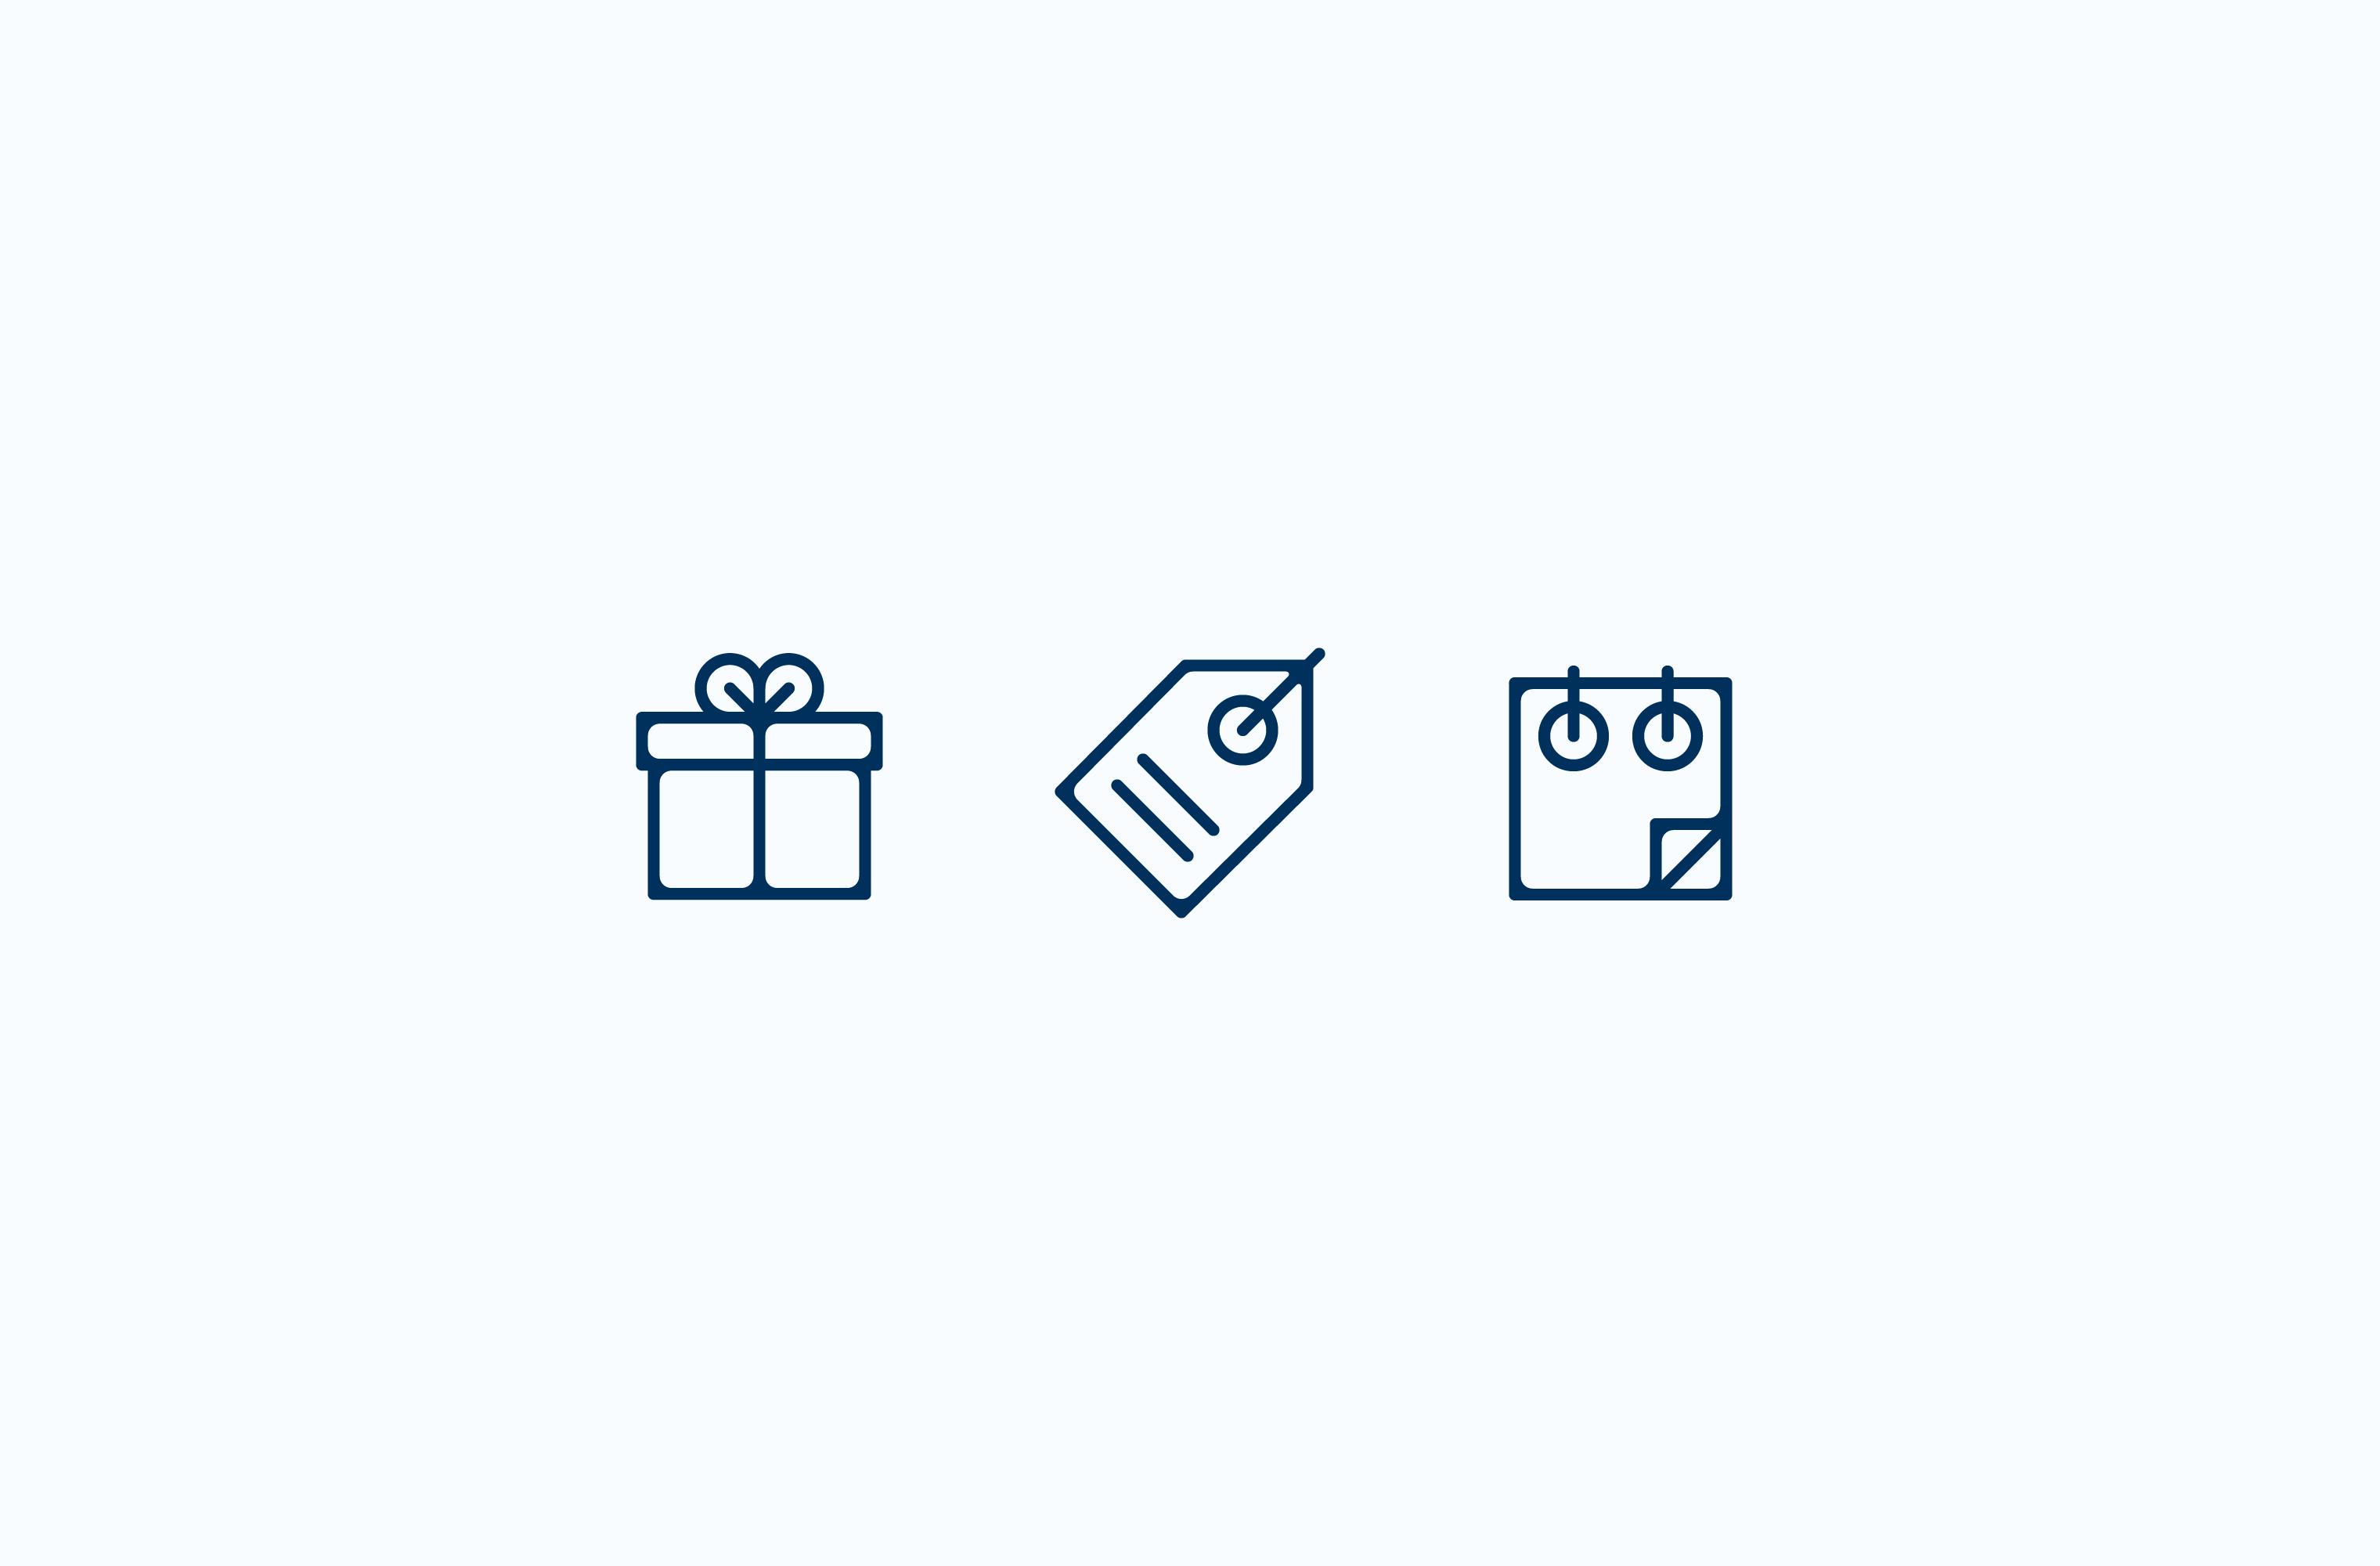 Owl's Nest resort icon set